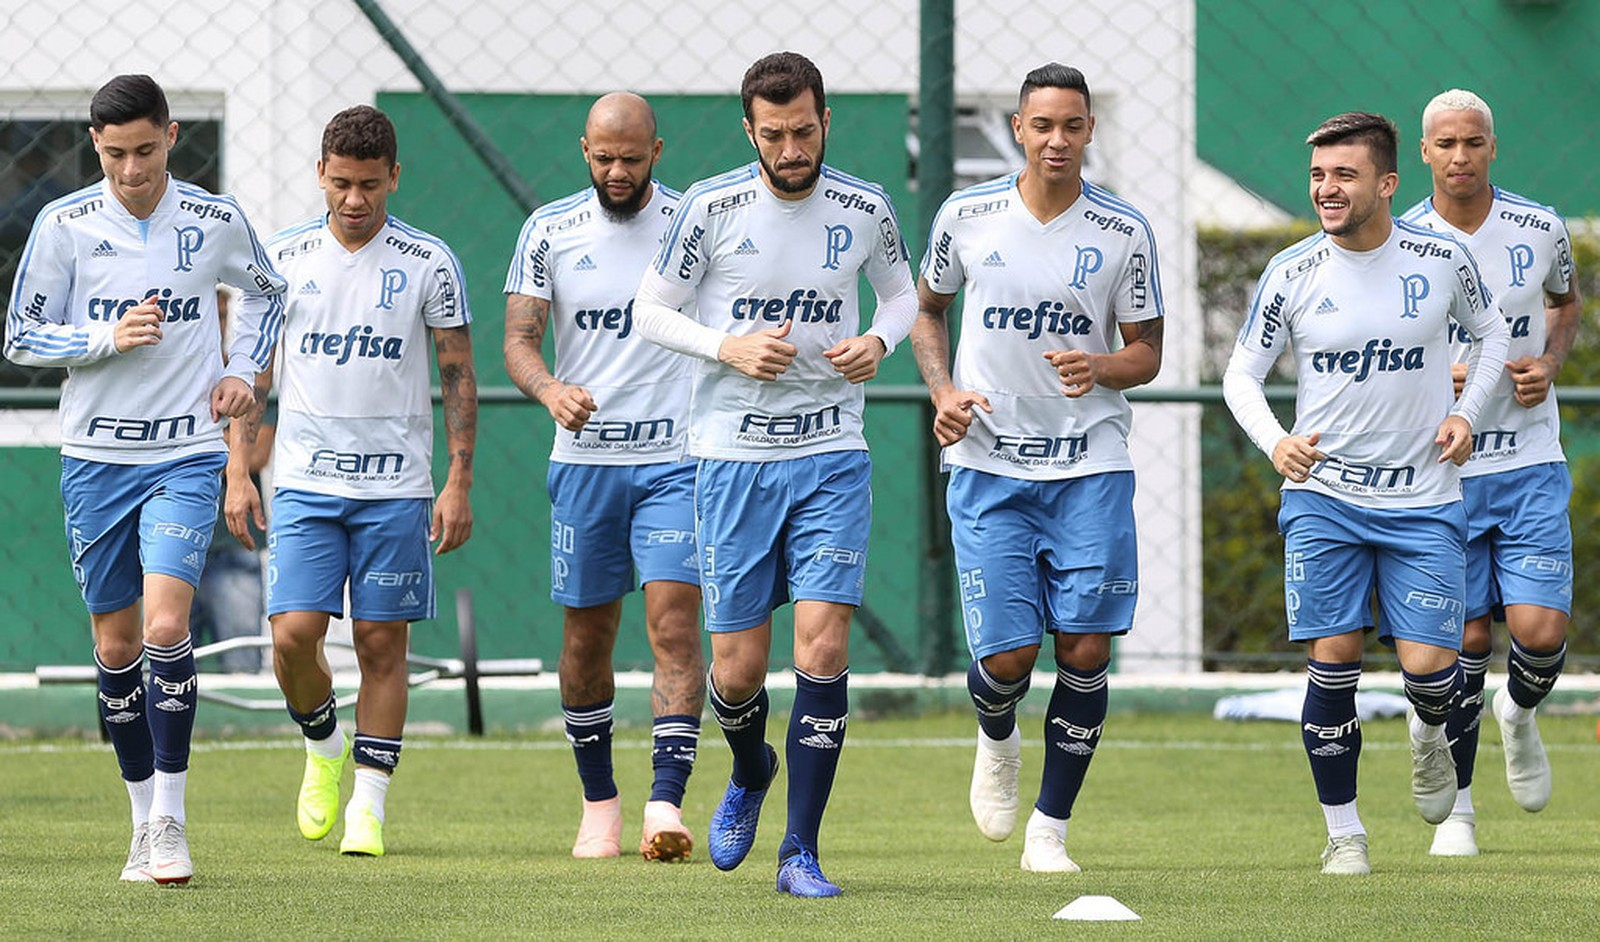 Internacional conversa com Palmeiras para tentar a contratação de lateral alviverde